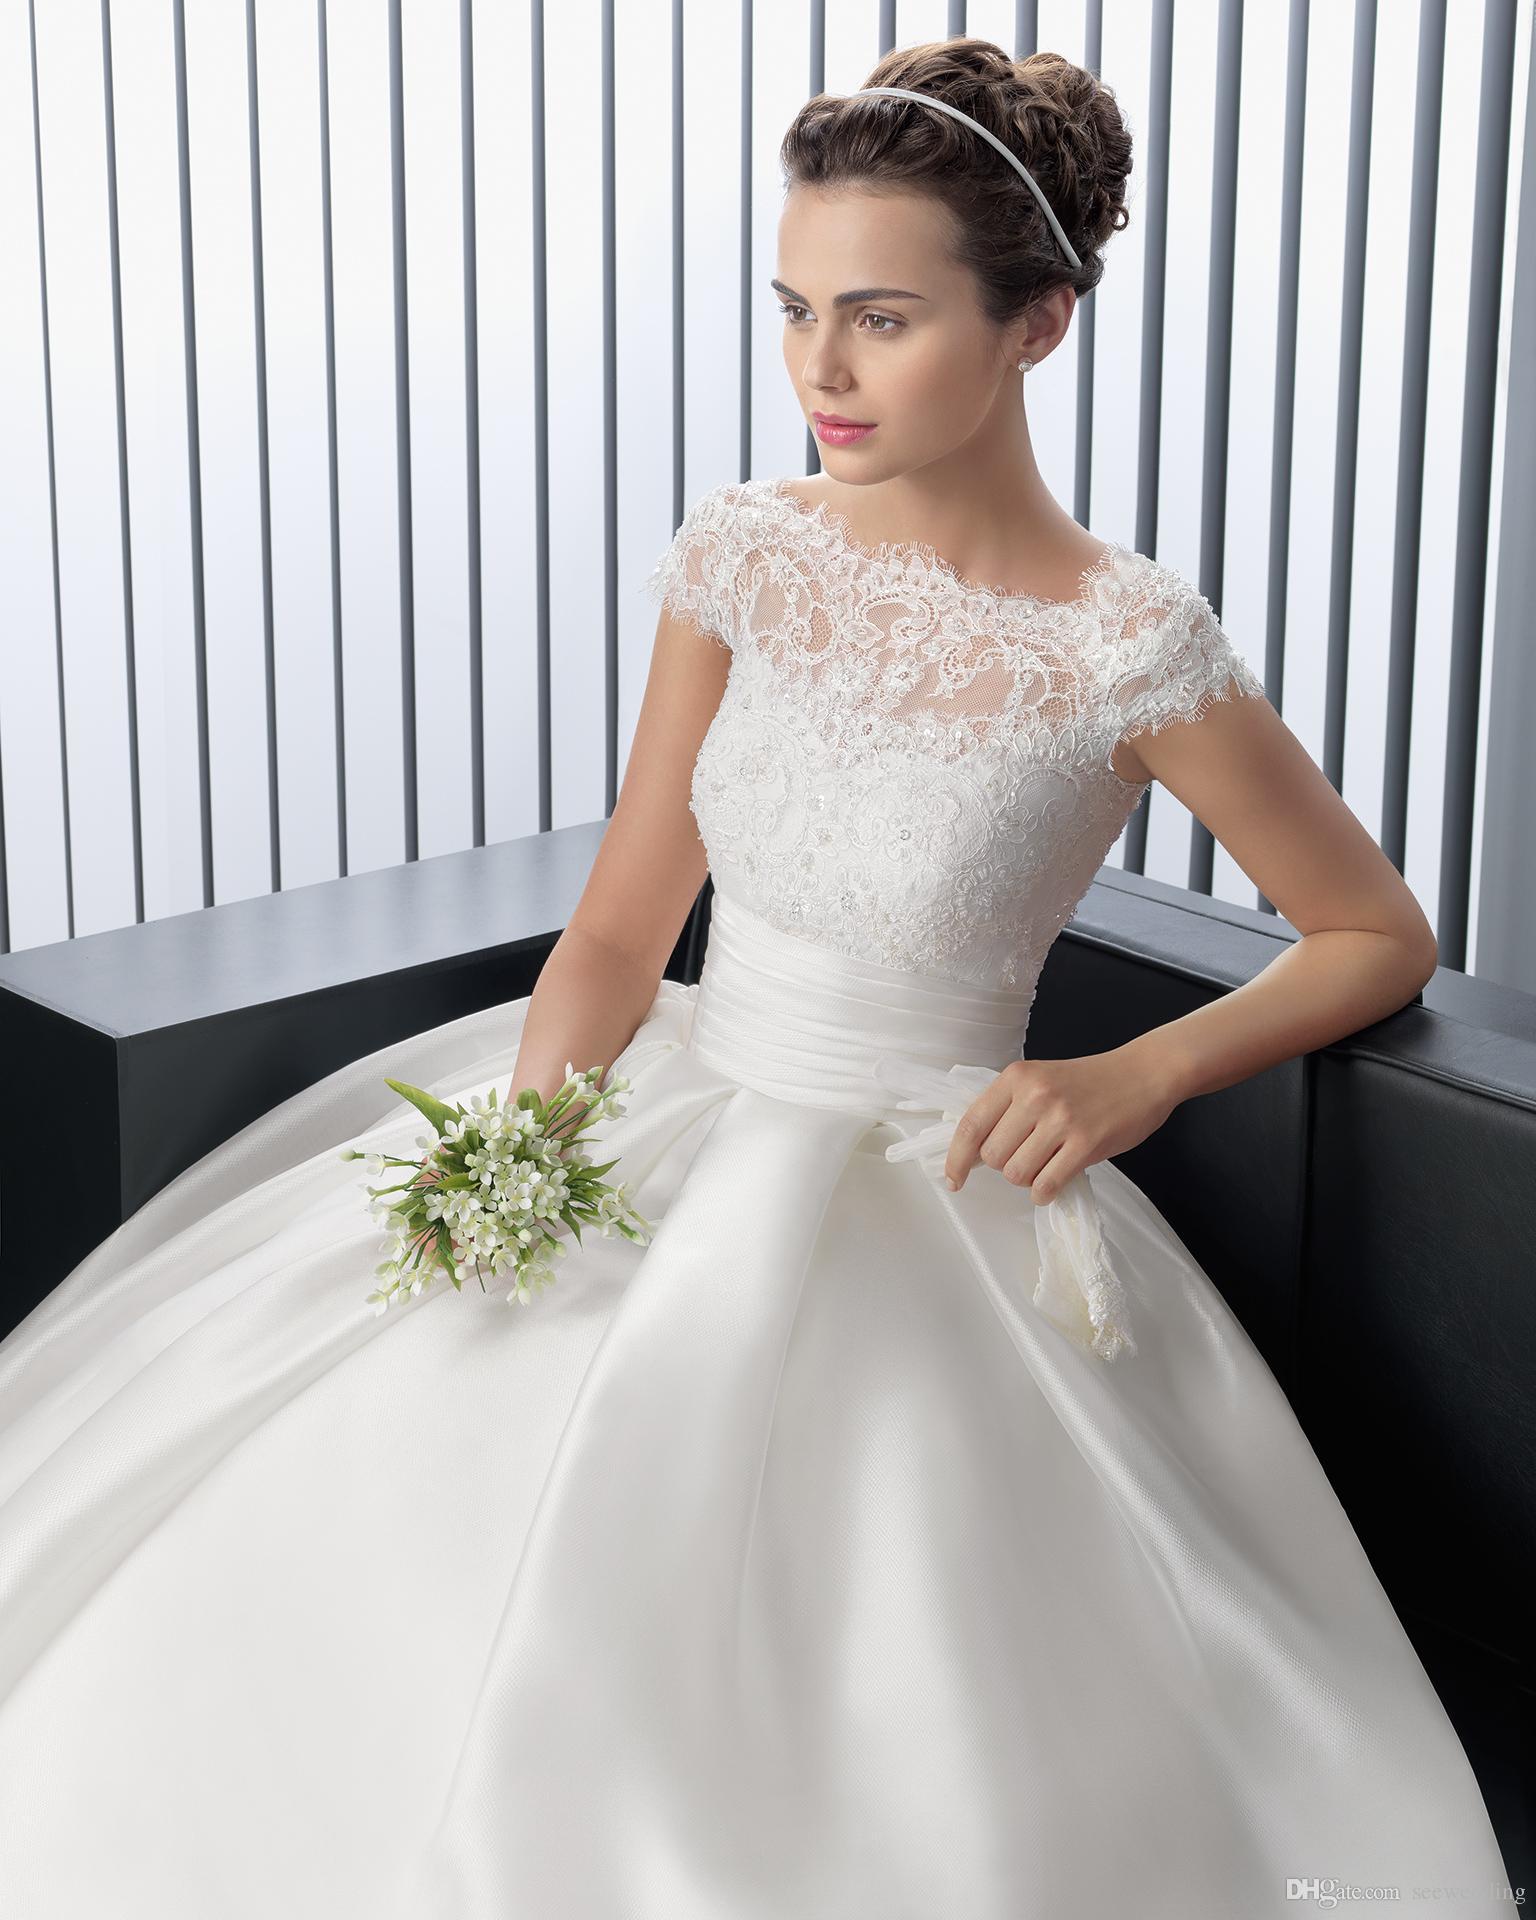 Оптом - 2015 элегантные и простые свадебные платья винтажные кружева Бато шеи Cap рукава глубокий V